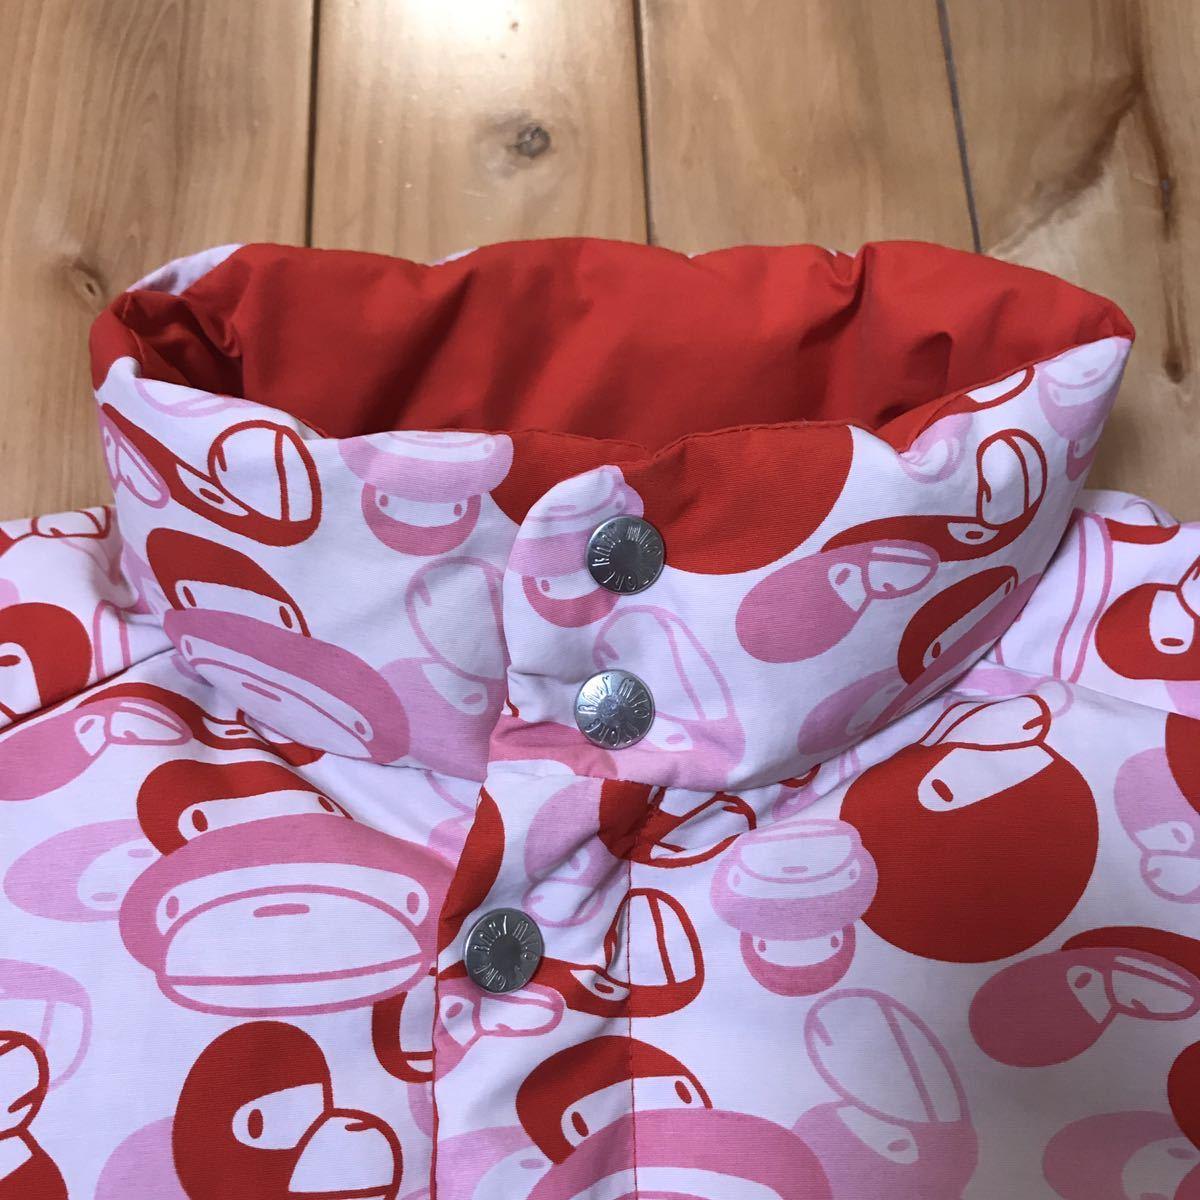 ★リバーシブル★ milo camo pink ダウンジャケット Lサイズ a bathing ape BAPE reversible down jacket エイプ ベイプ ピンク 迷彩 808